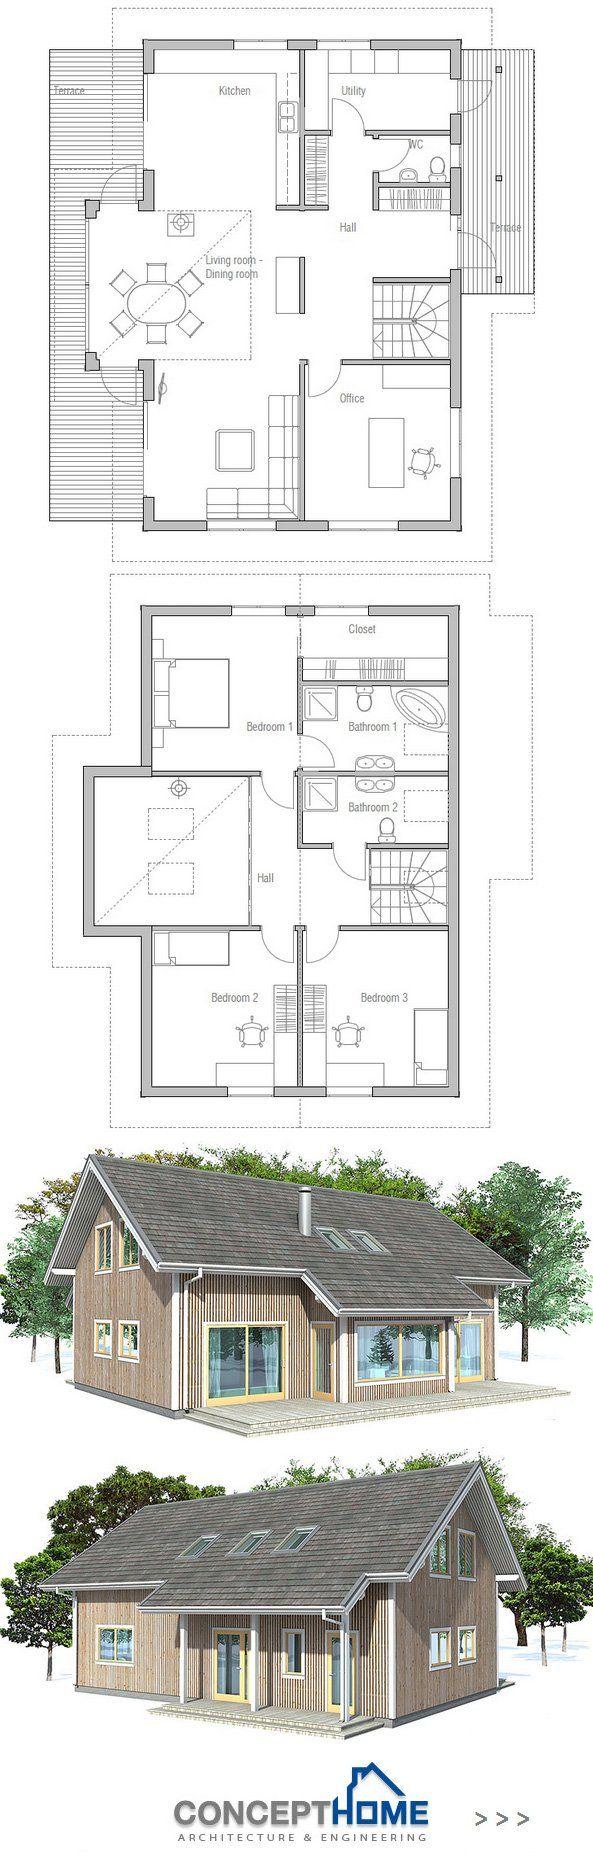 Dunklem holz mit interessanten rundungen gt stehlampe wohnzimmer modern - Small House Plan